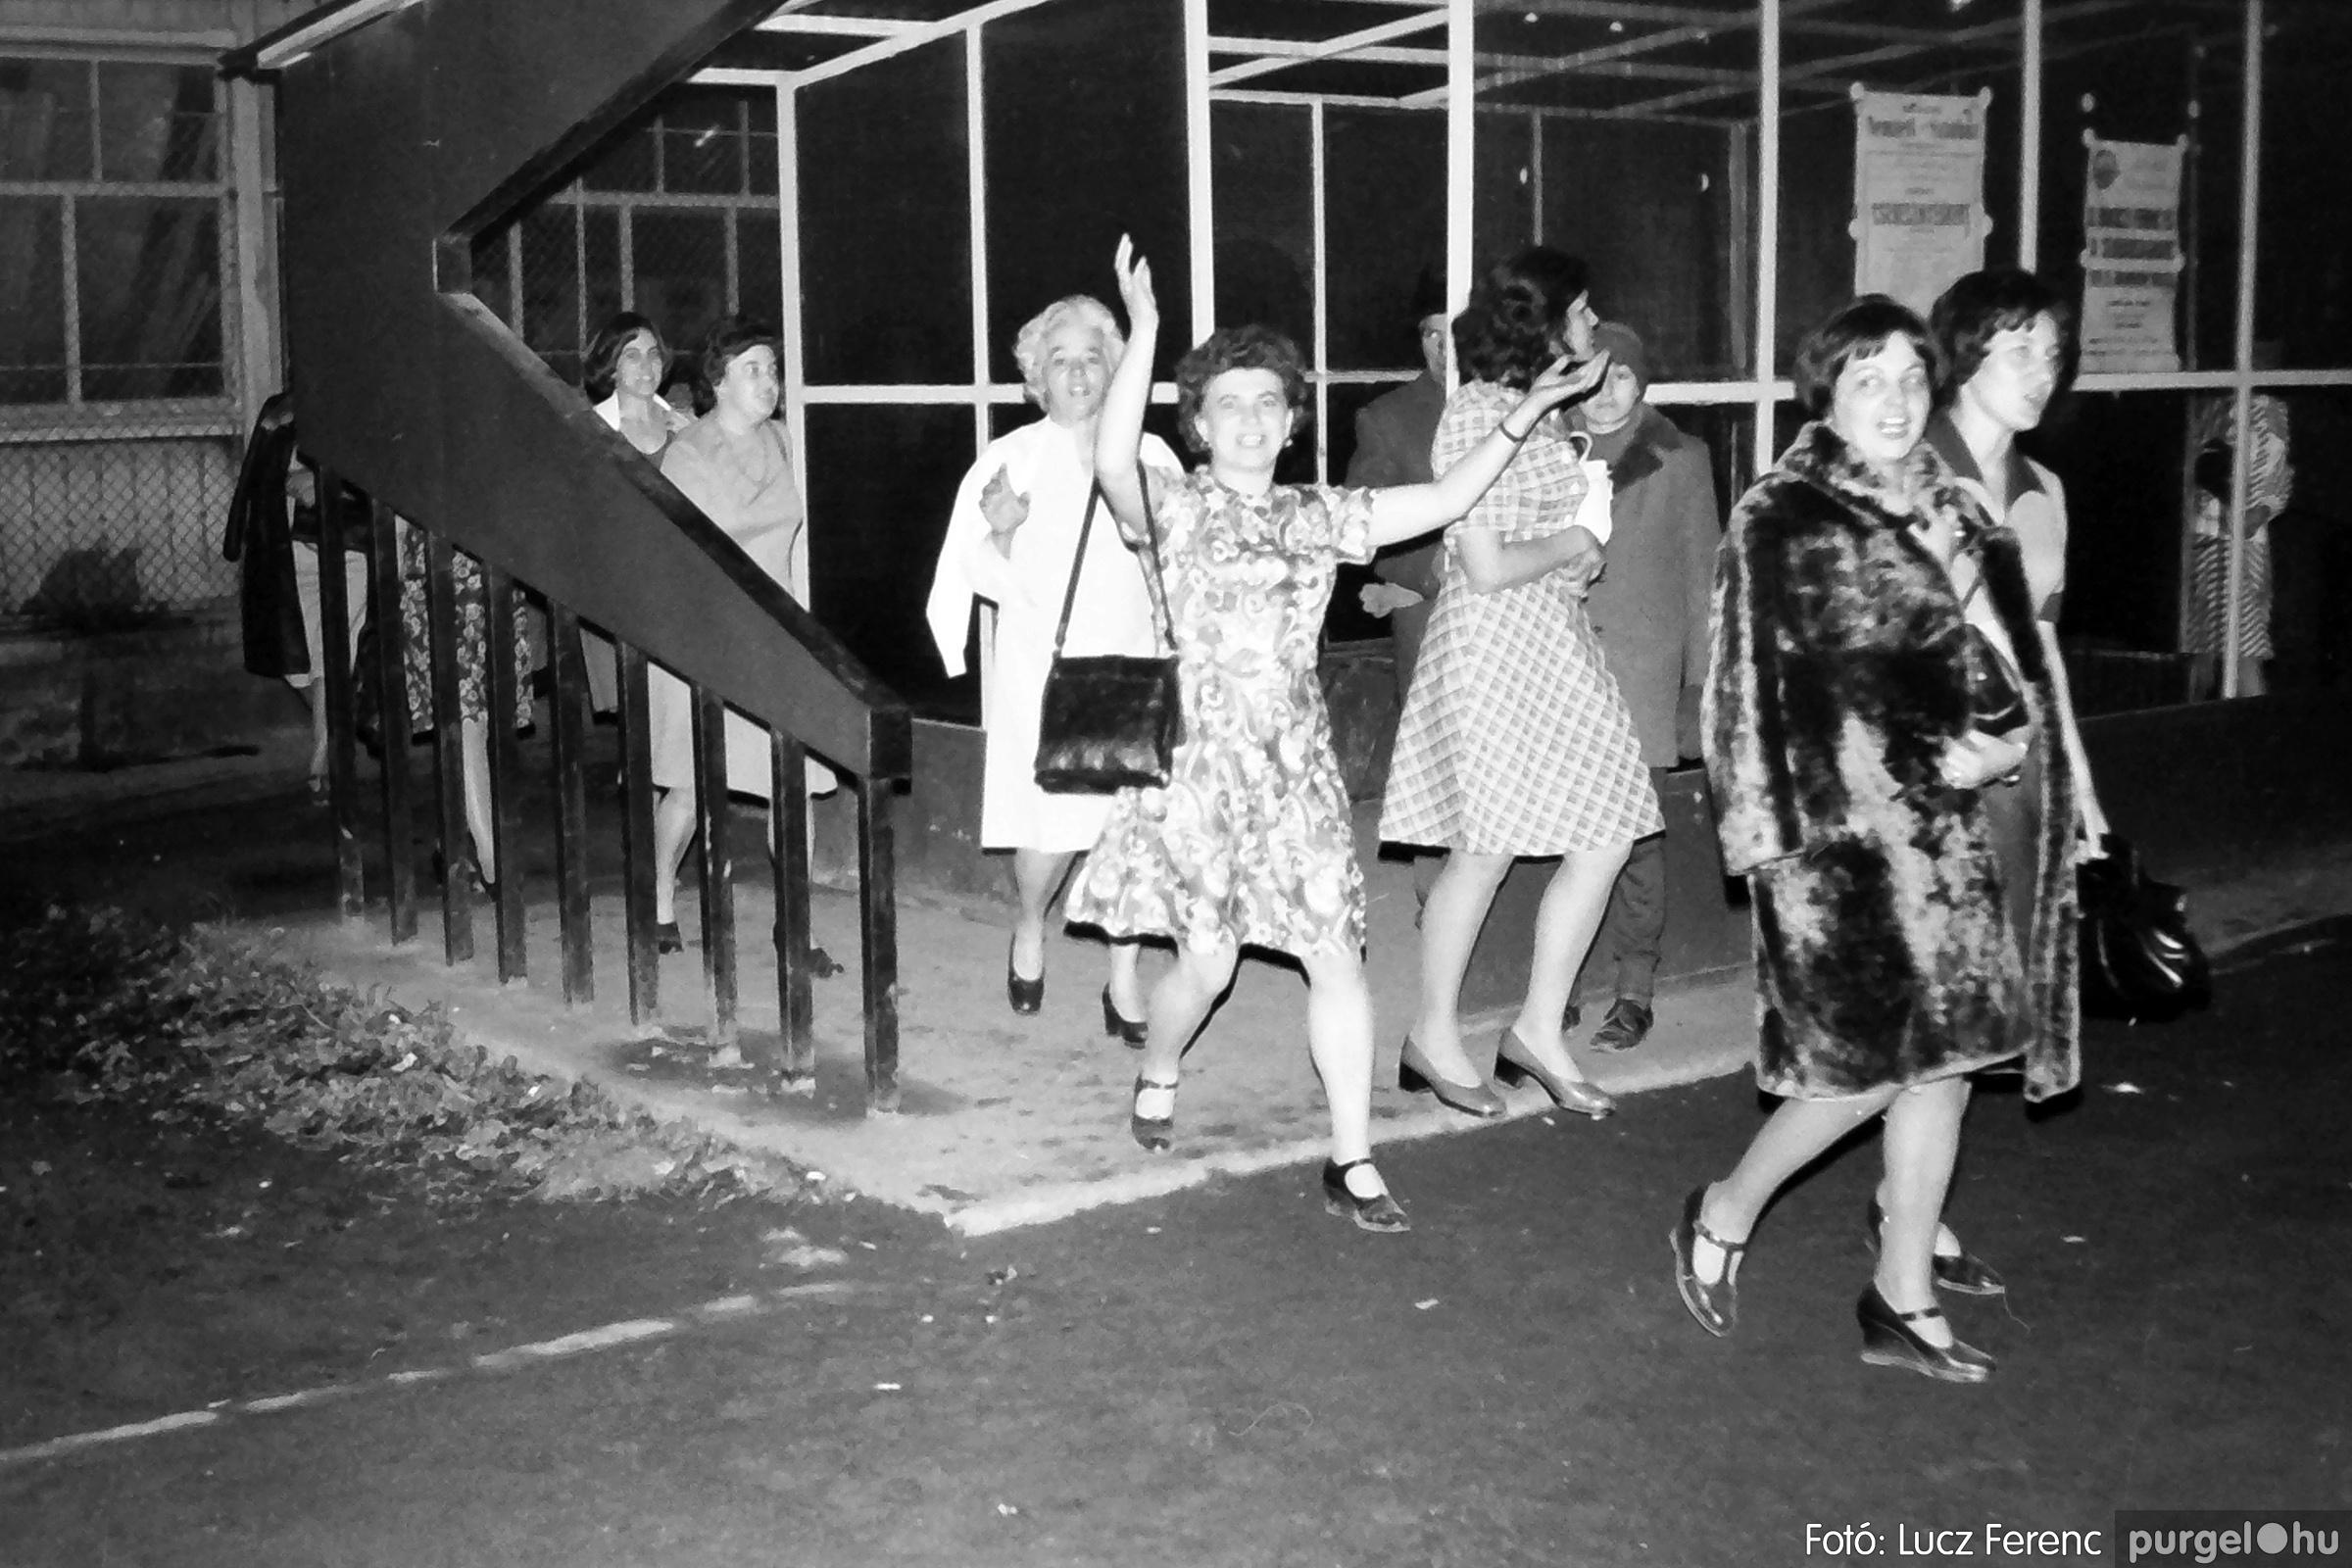 064-065. 1976. KTSZ-es dínomdánom a vendéglőben 031. - Fotó: Lucz Ferenc.jpg